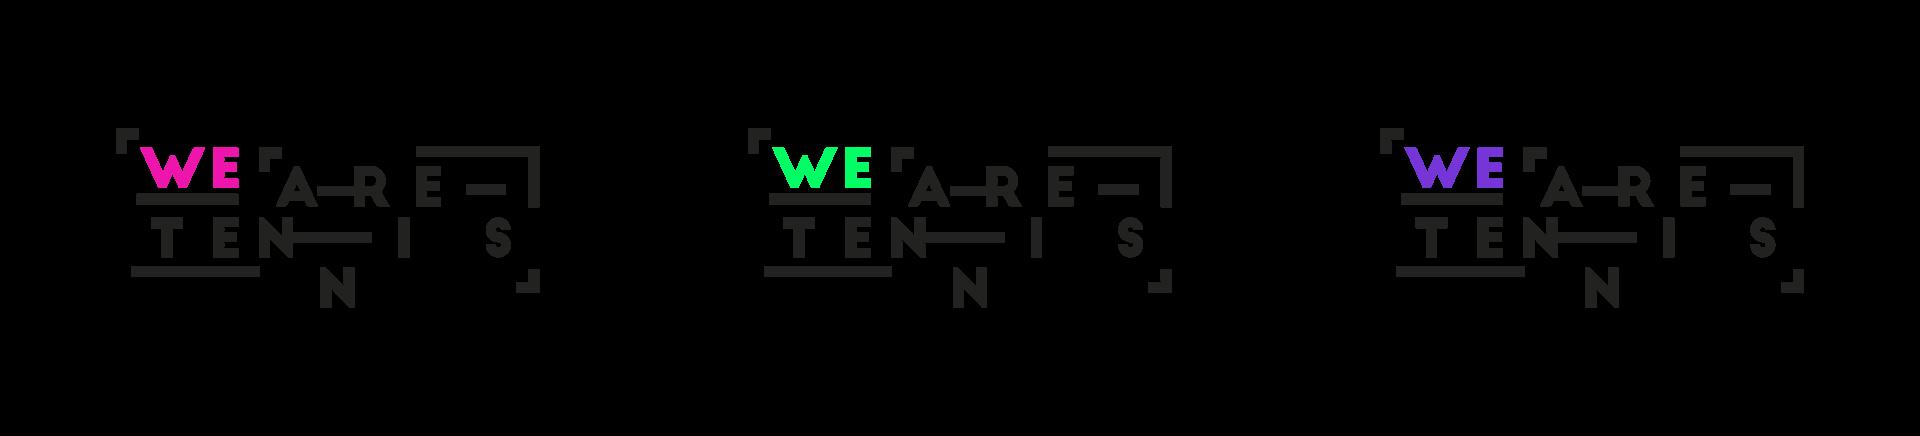 logos_wat-03